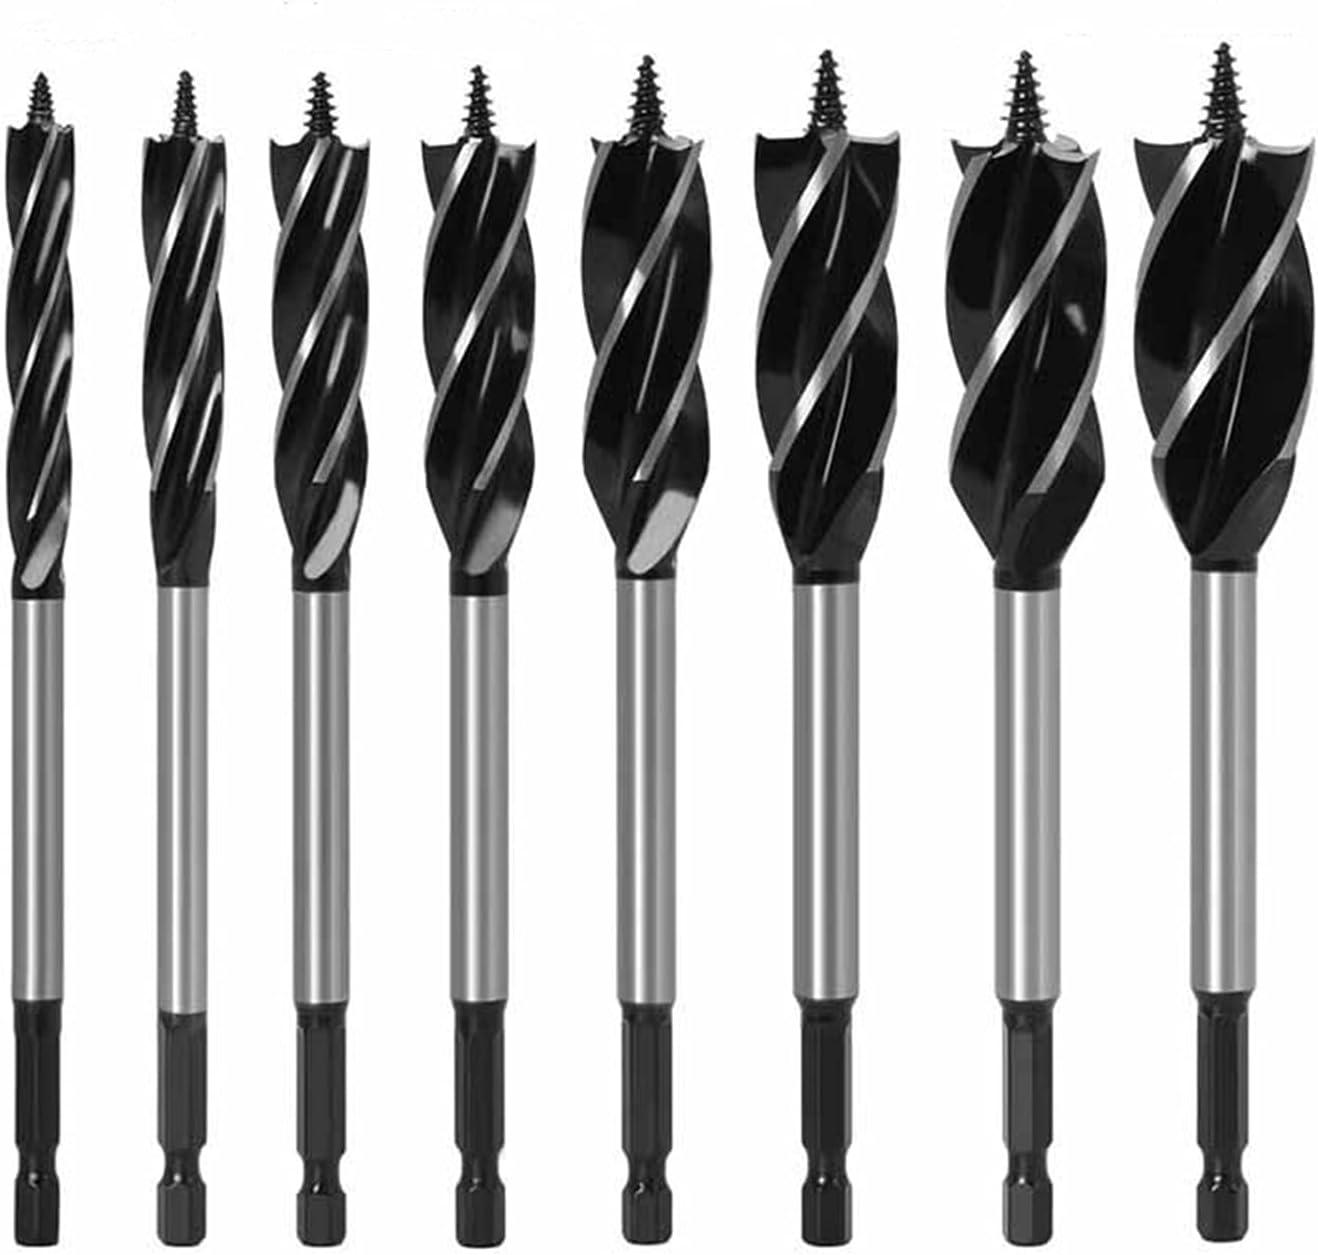 Max 41% OFF Popular brand 12-35mm Woodworking Twist Drill Bit Long 6.35mm Four-Slot Set Sh